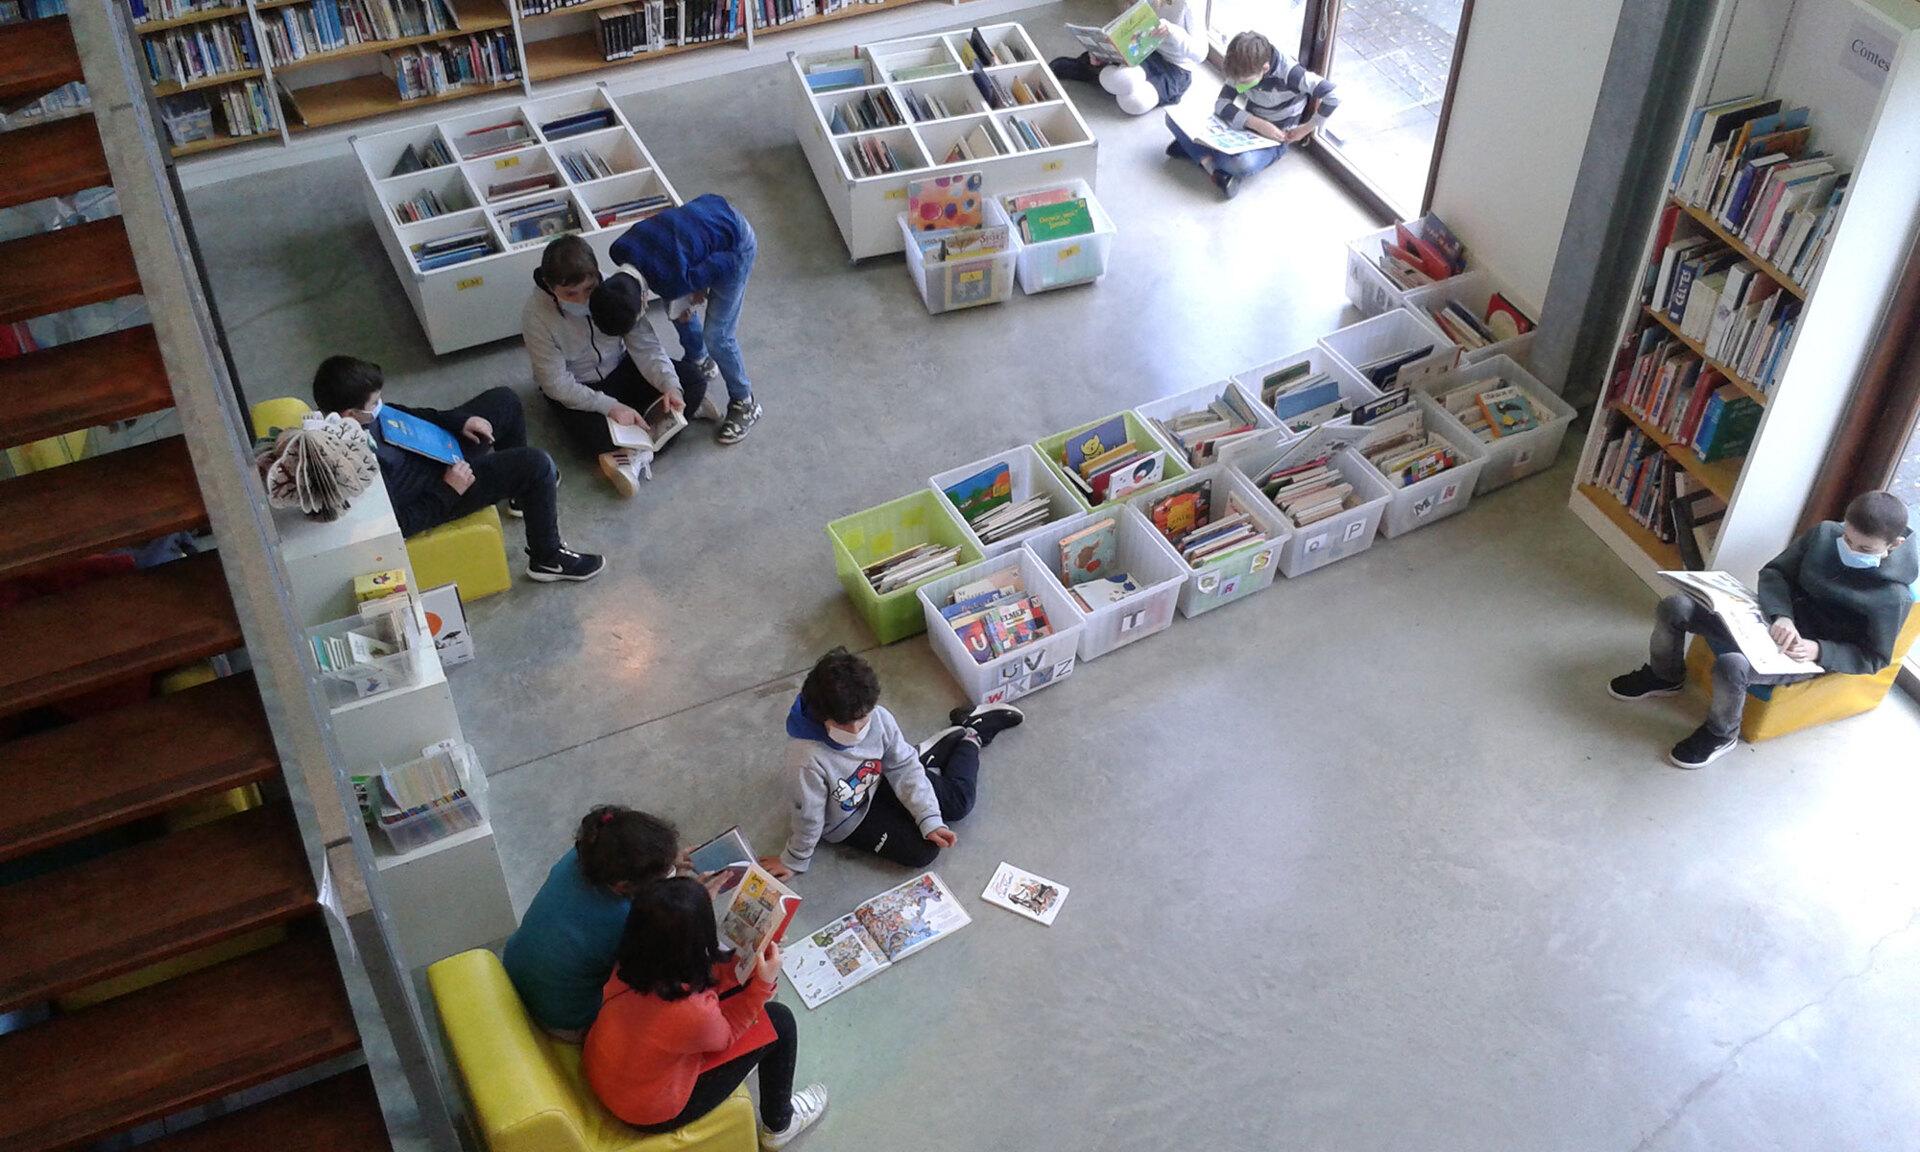 Bibliothèque - Intérieur